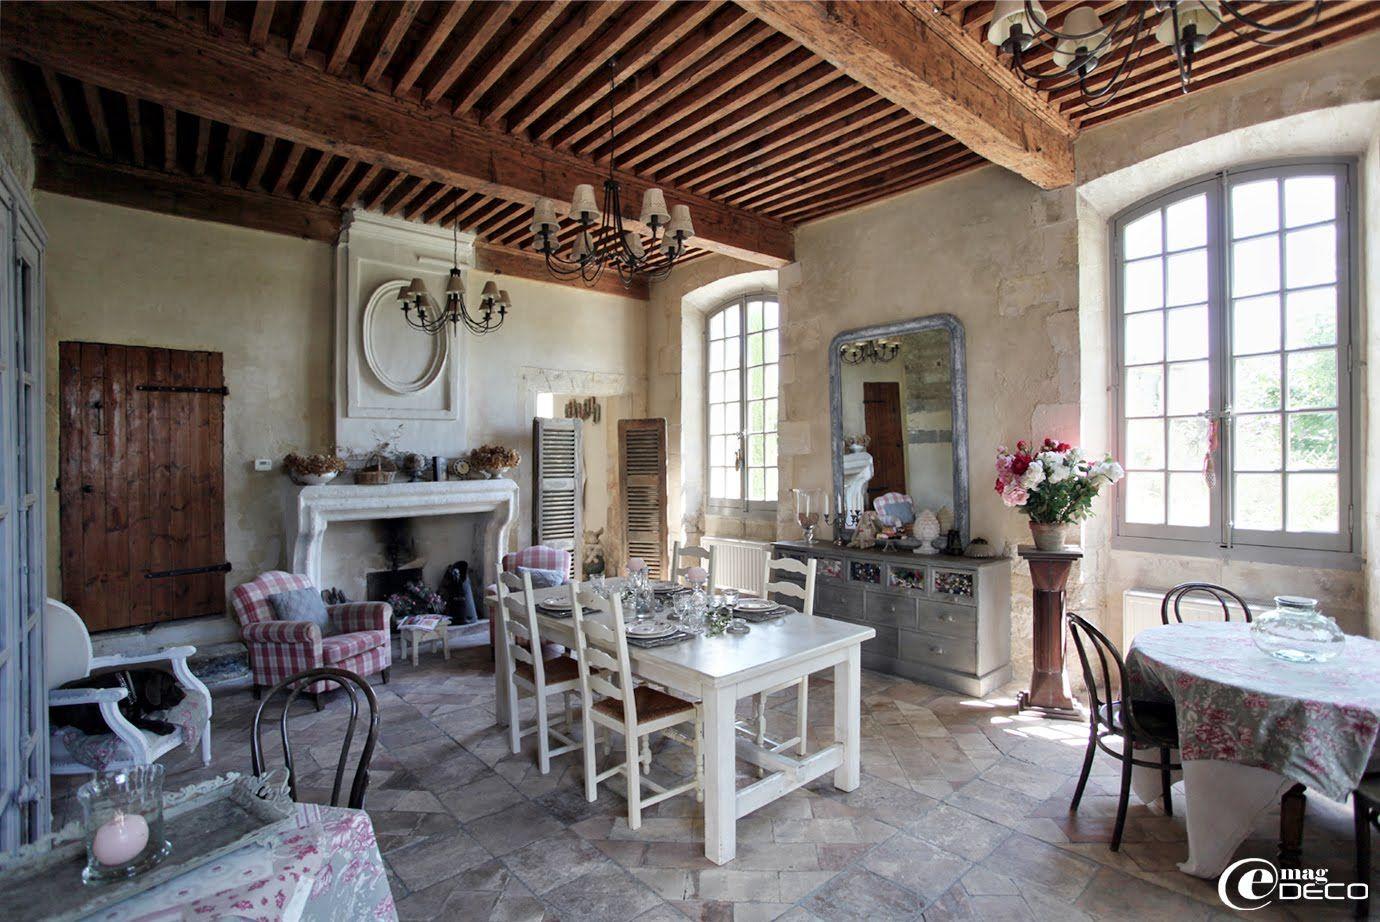 Chambre Provencale Idee Deco la salle à manger du posterlon, chambres d'hôtes de charme